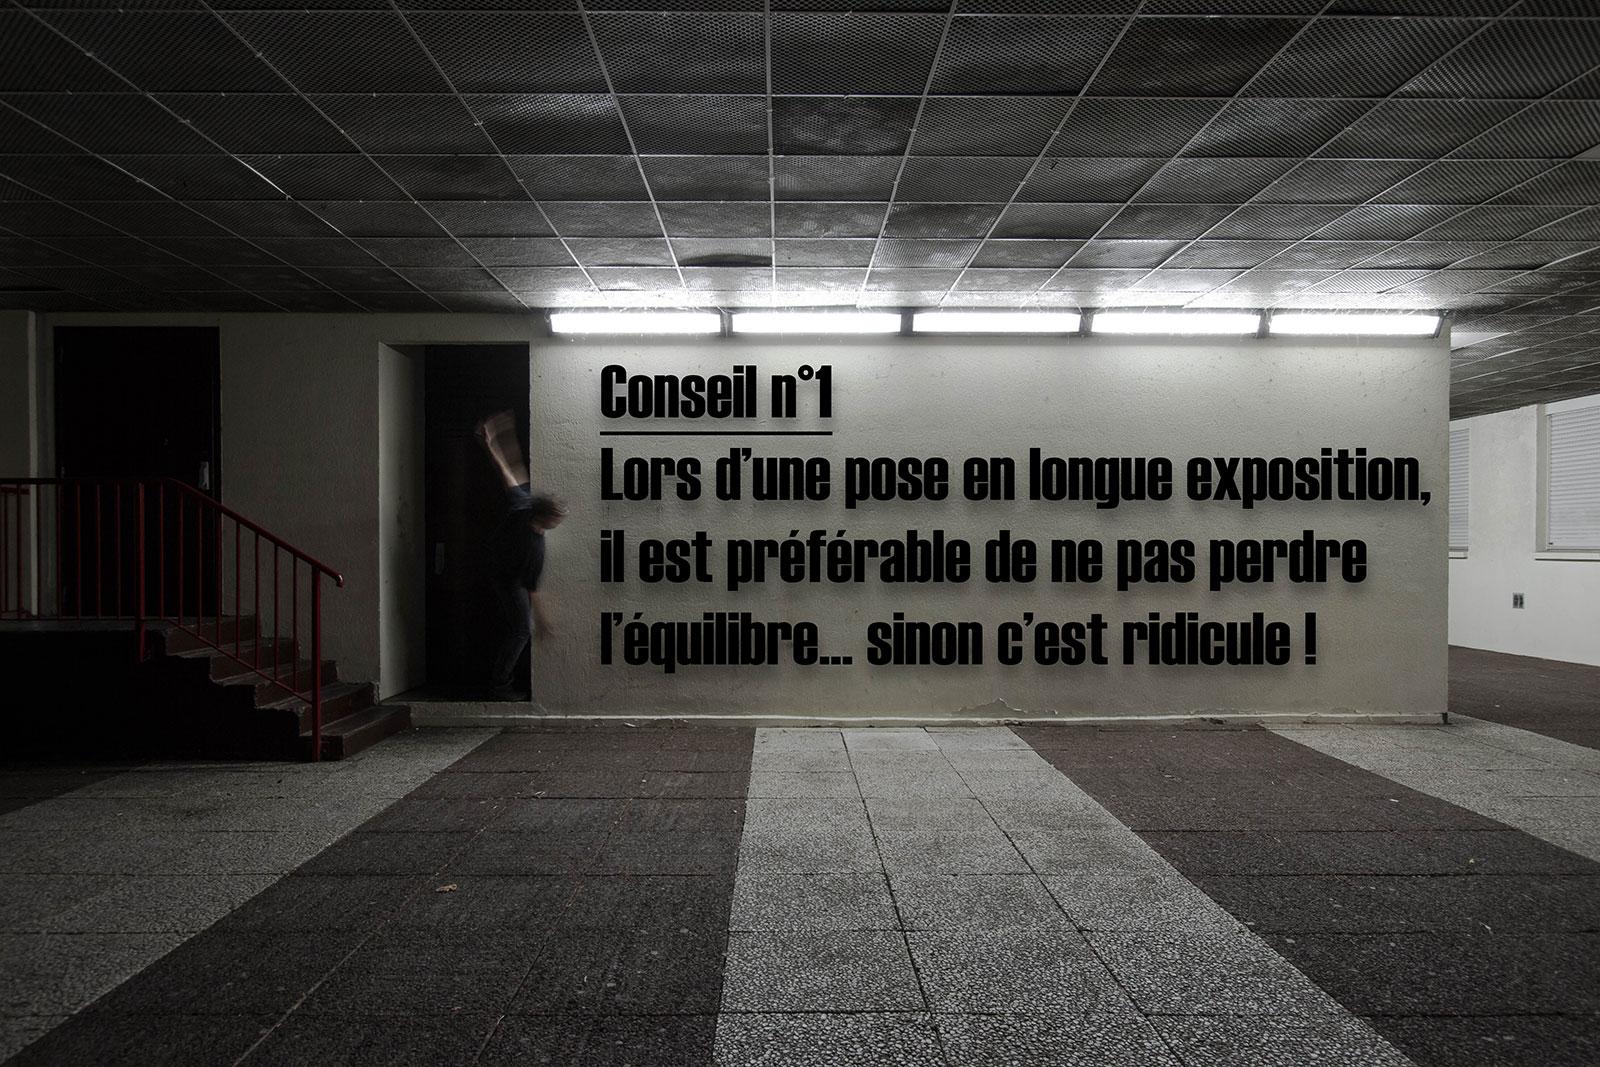 Conseil photo de nuit n°1 - La longue exposition